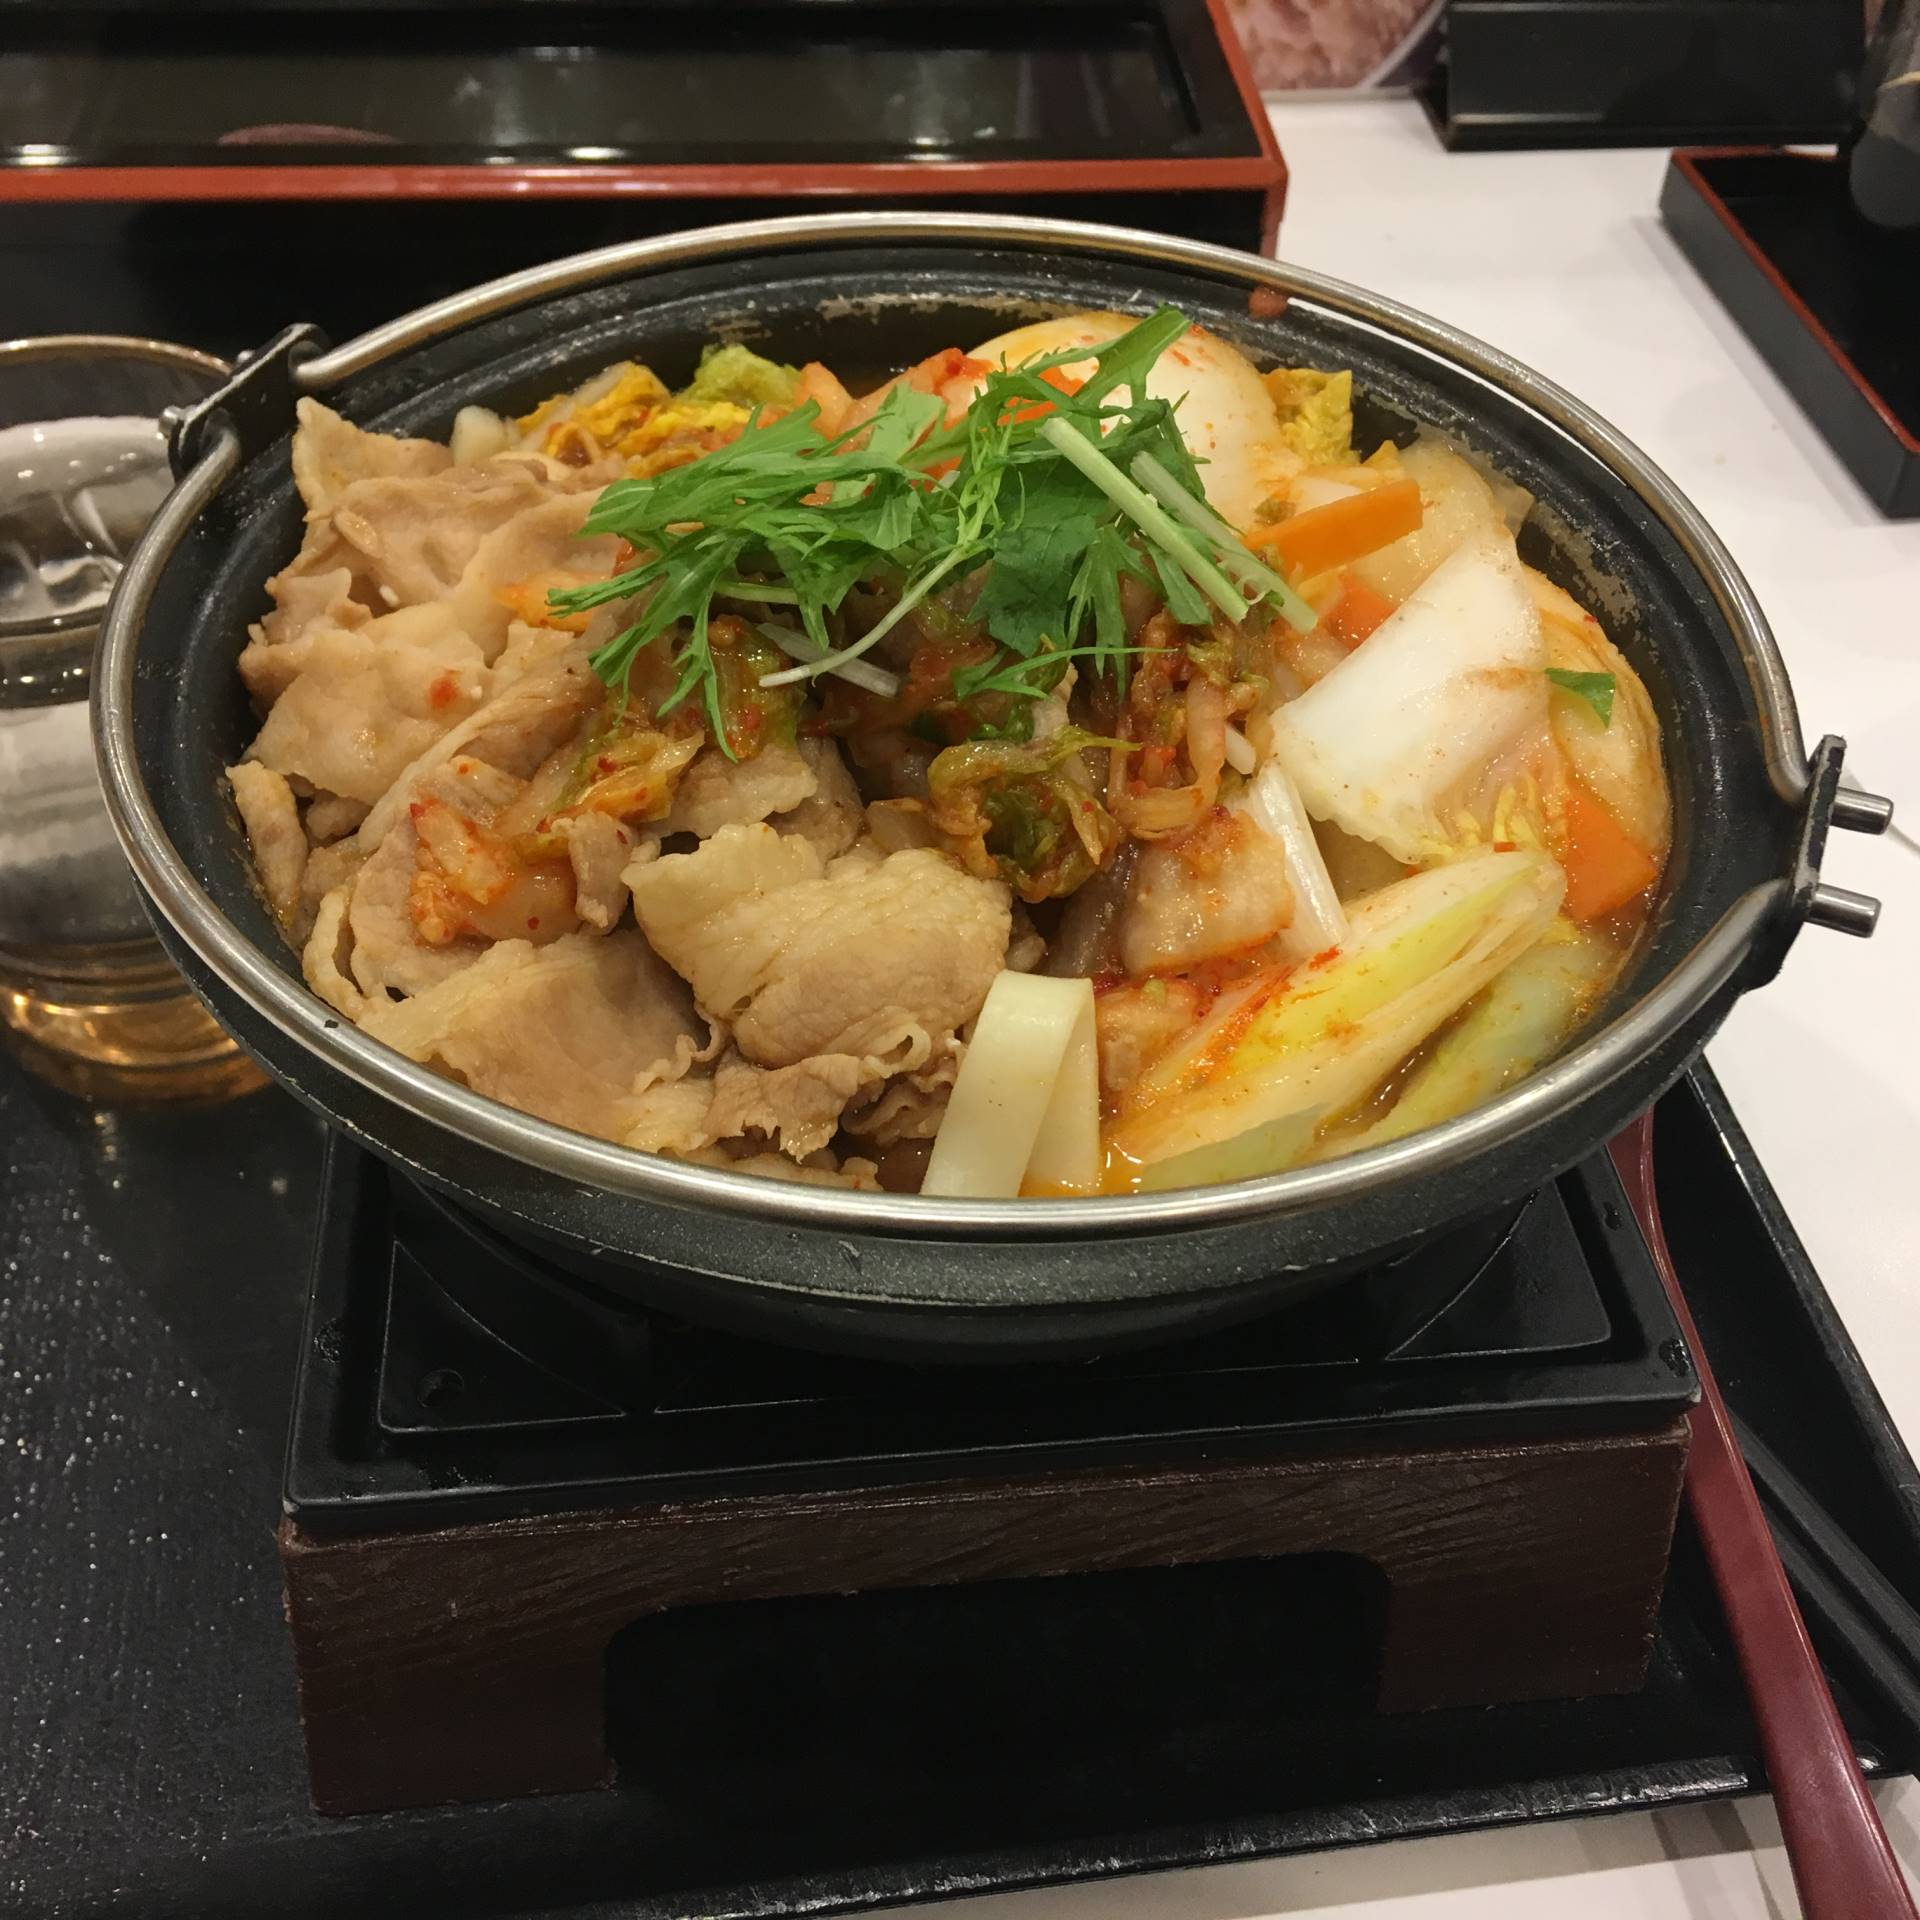 「鬼辛豚チゲ鍋膳」単品 大盛り定価680円